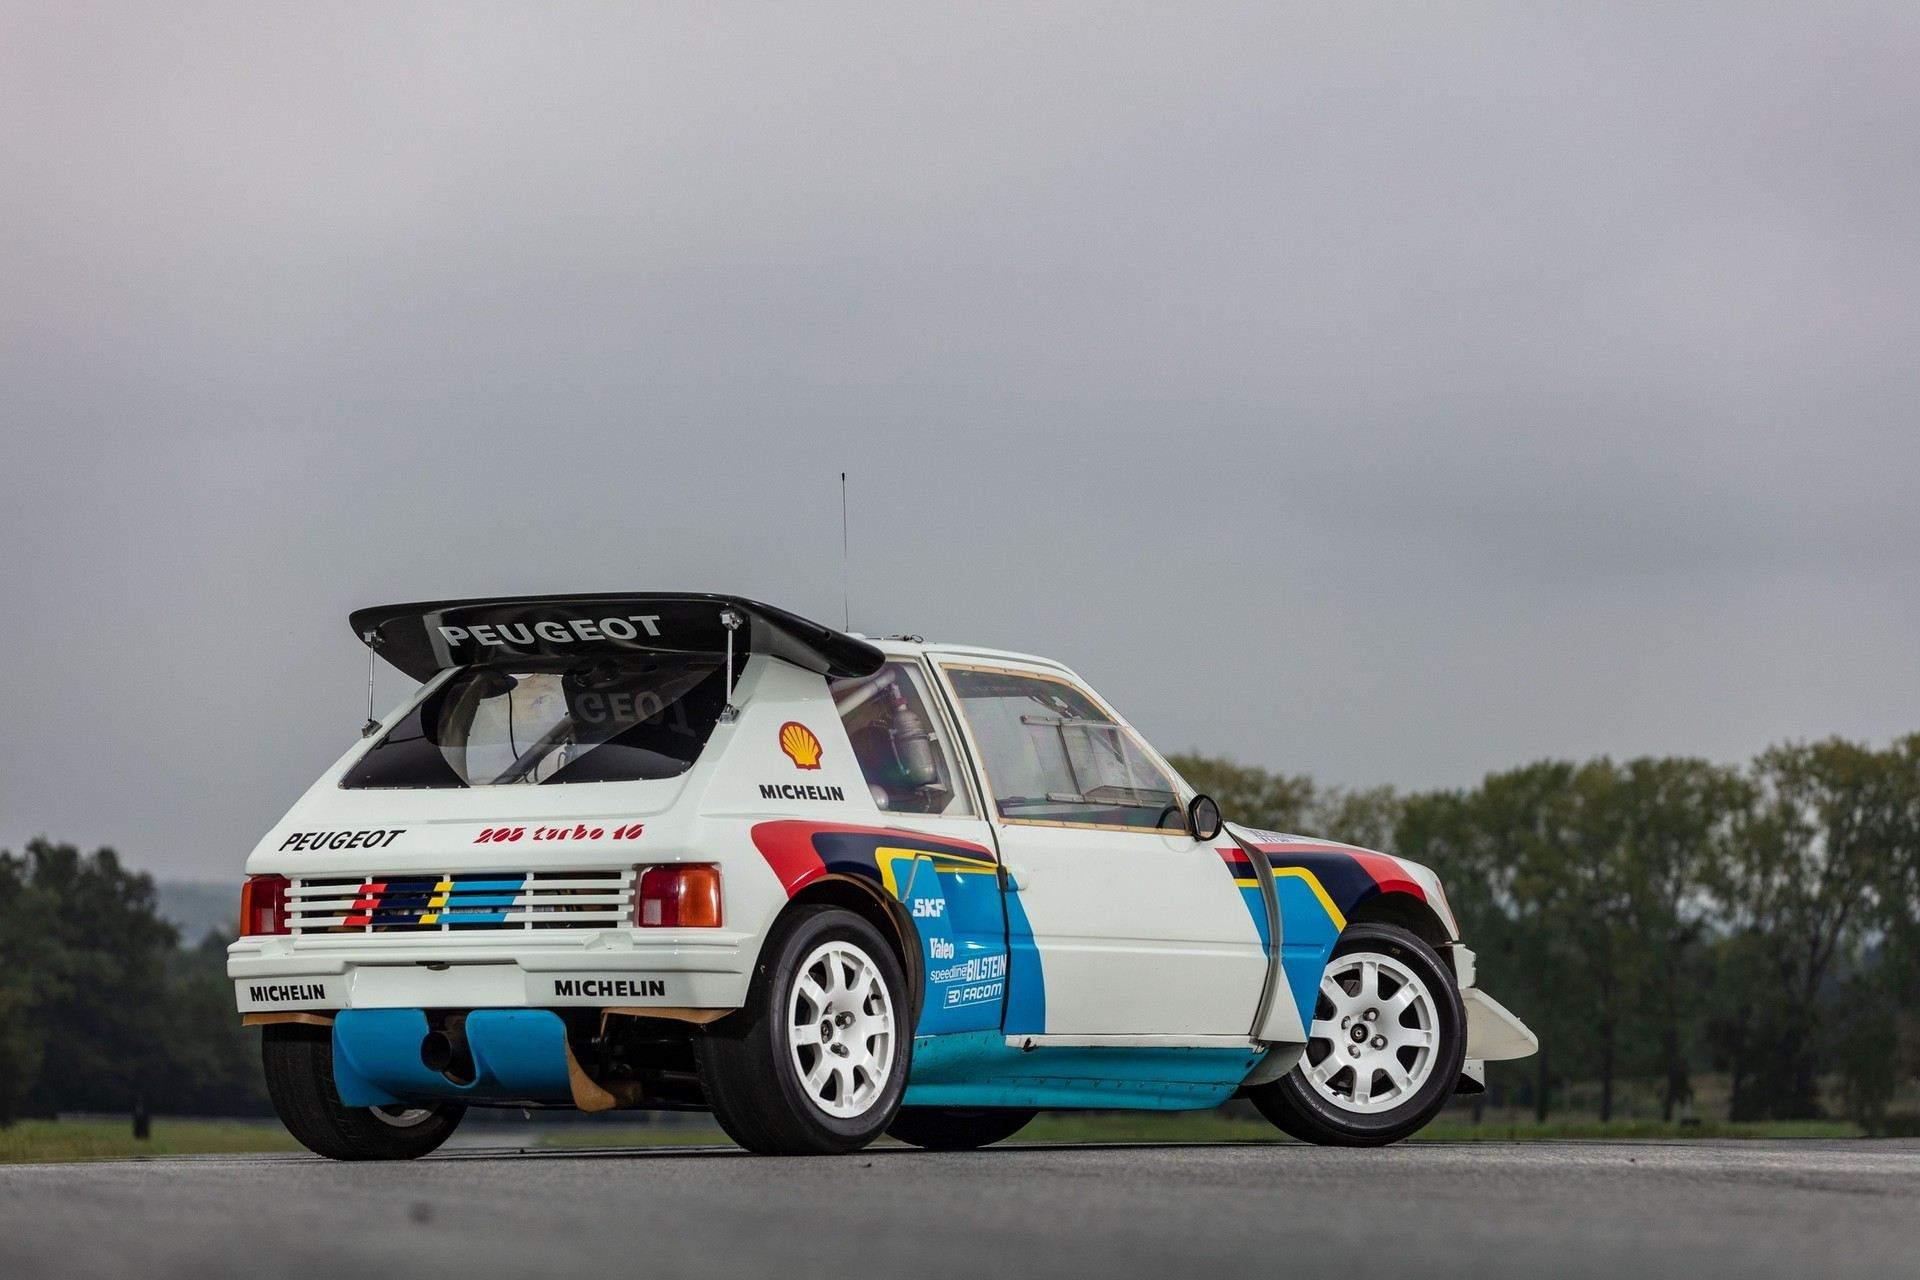 1985_Peugeot_205_Turbo_16_Evolution_2_sale-0049